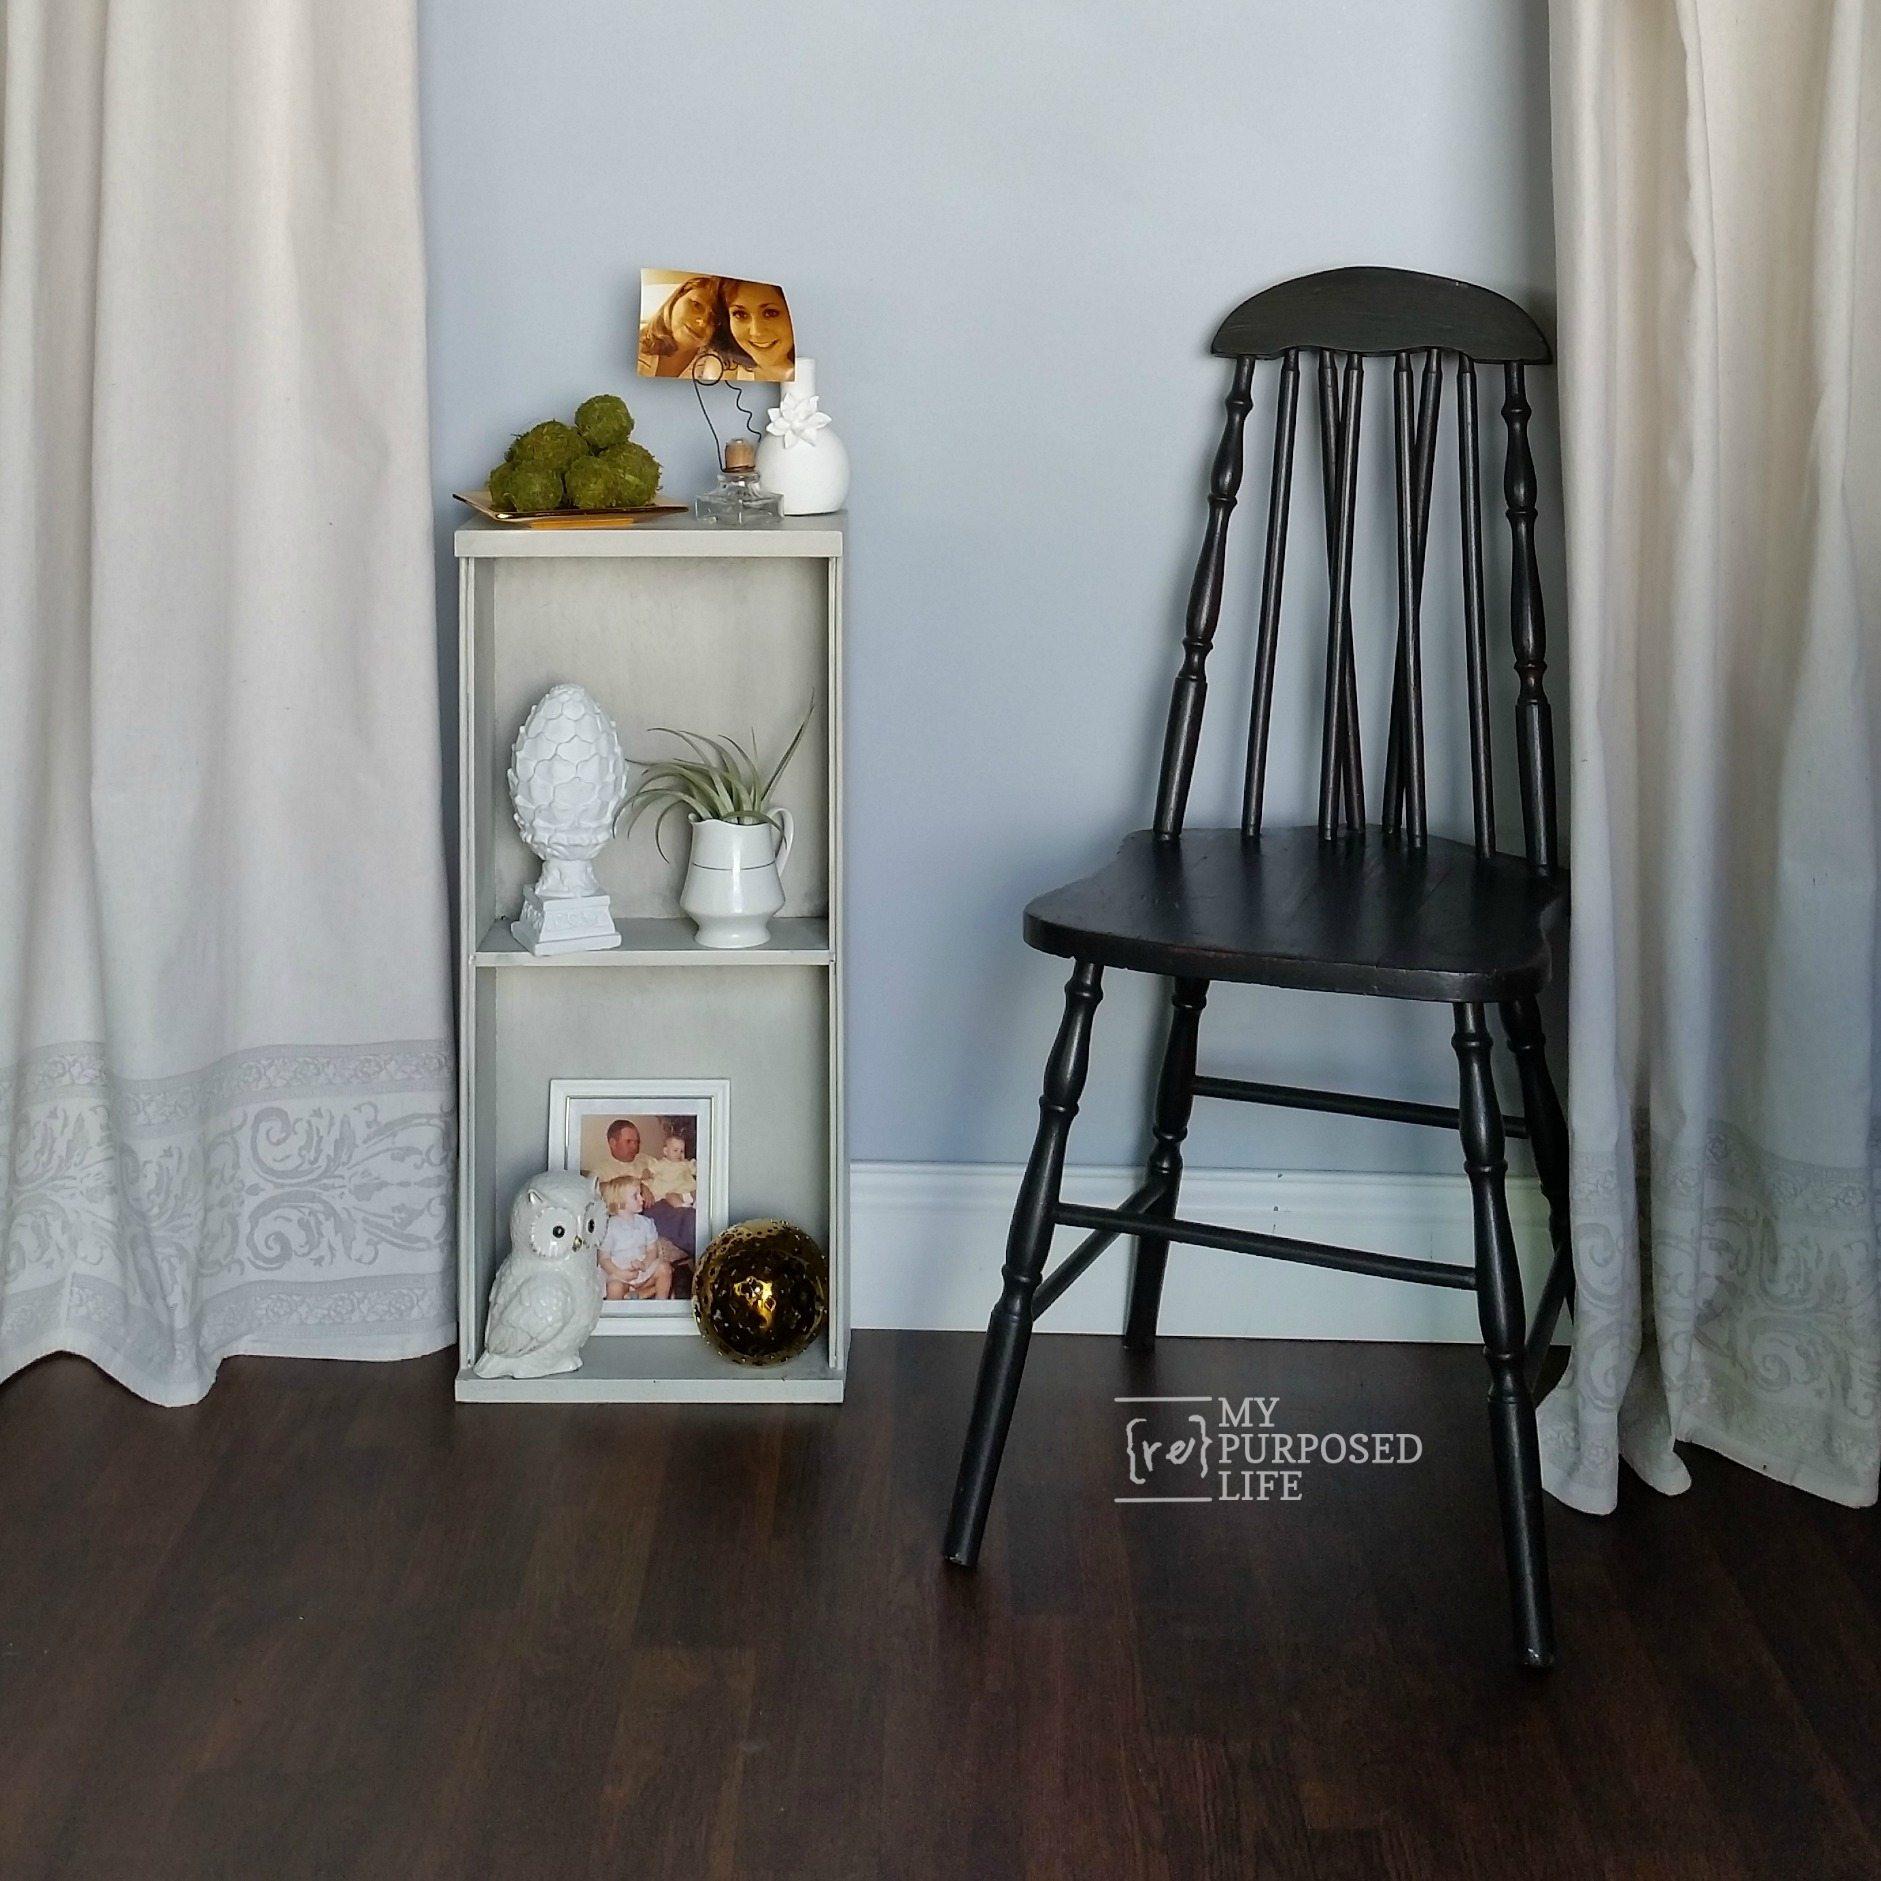 Repurposed Kitchen Drawer Shelf - My Repurposed Life®